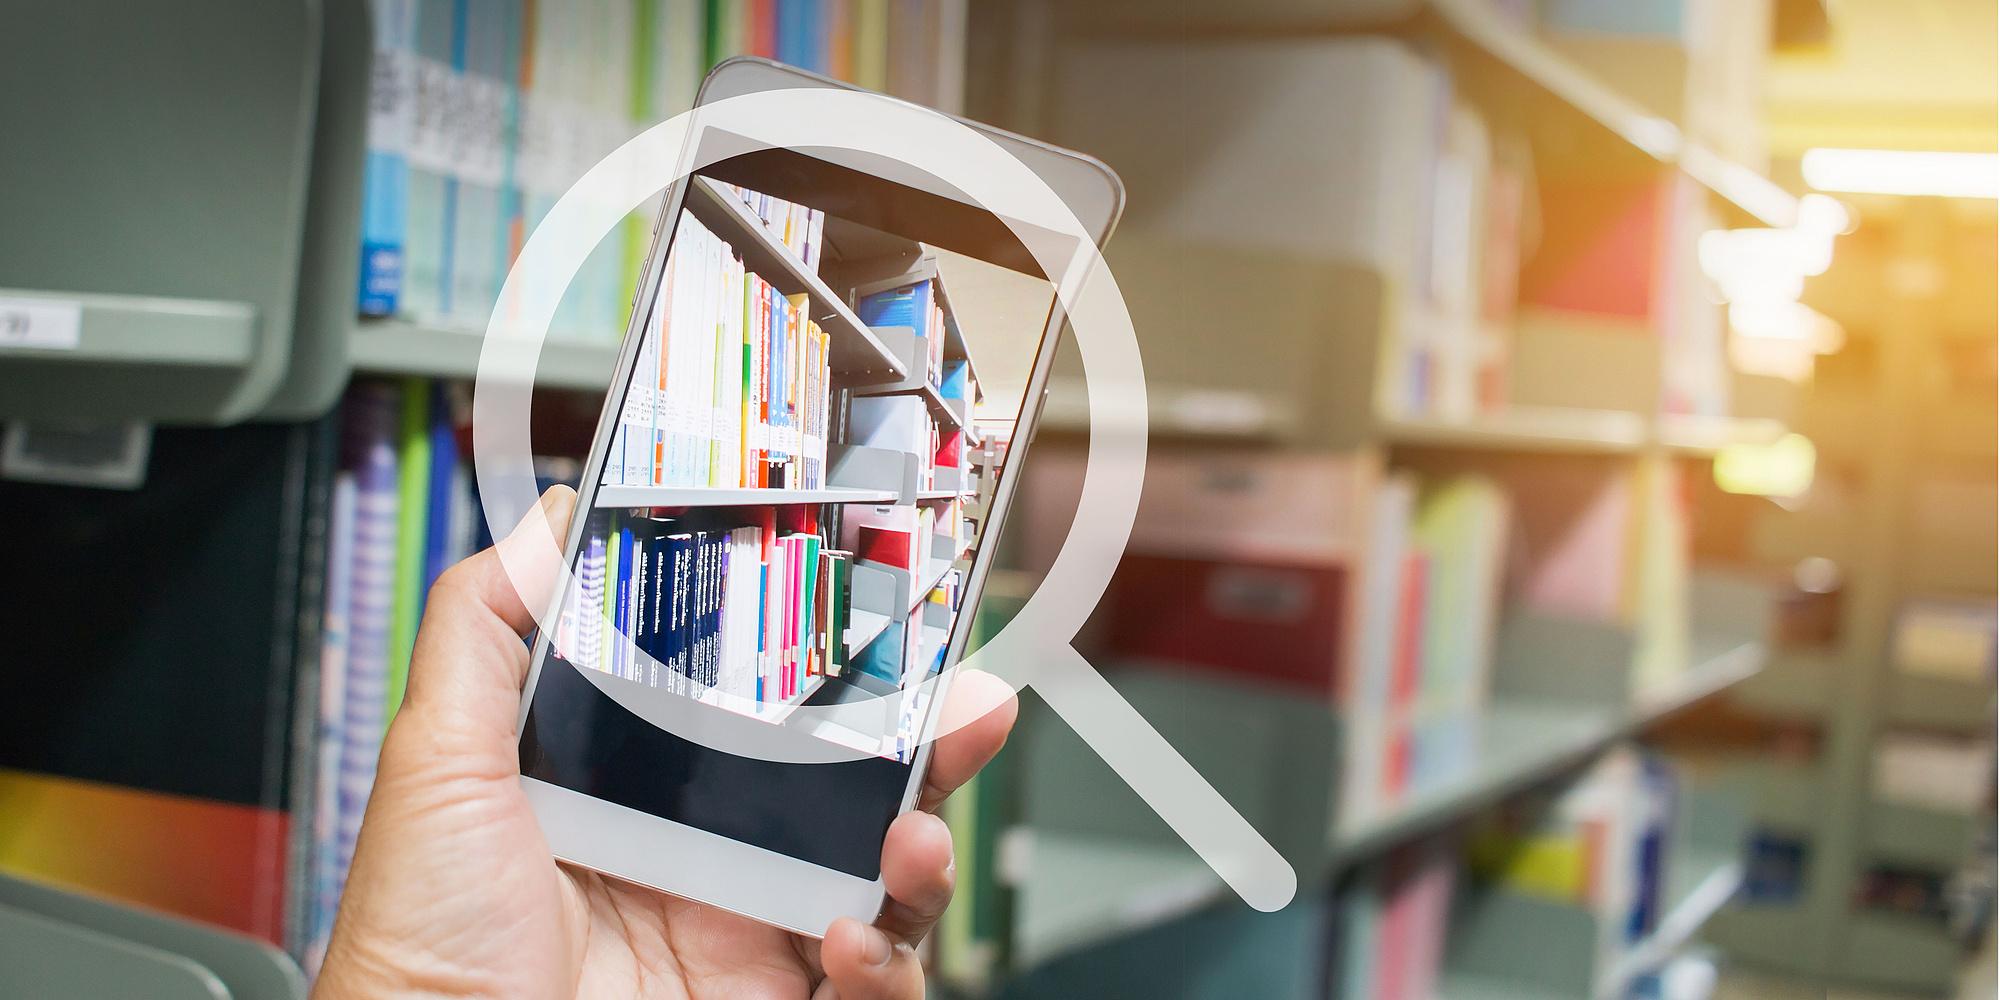 Bücher auf einem Handydisplay